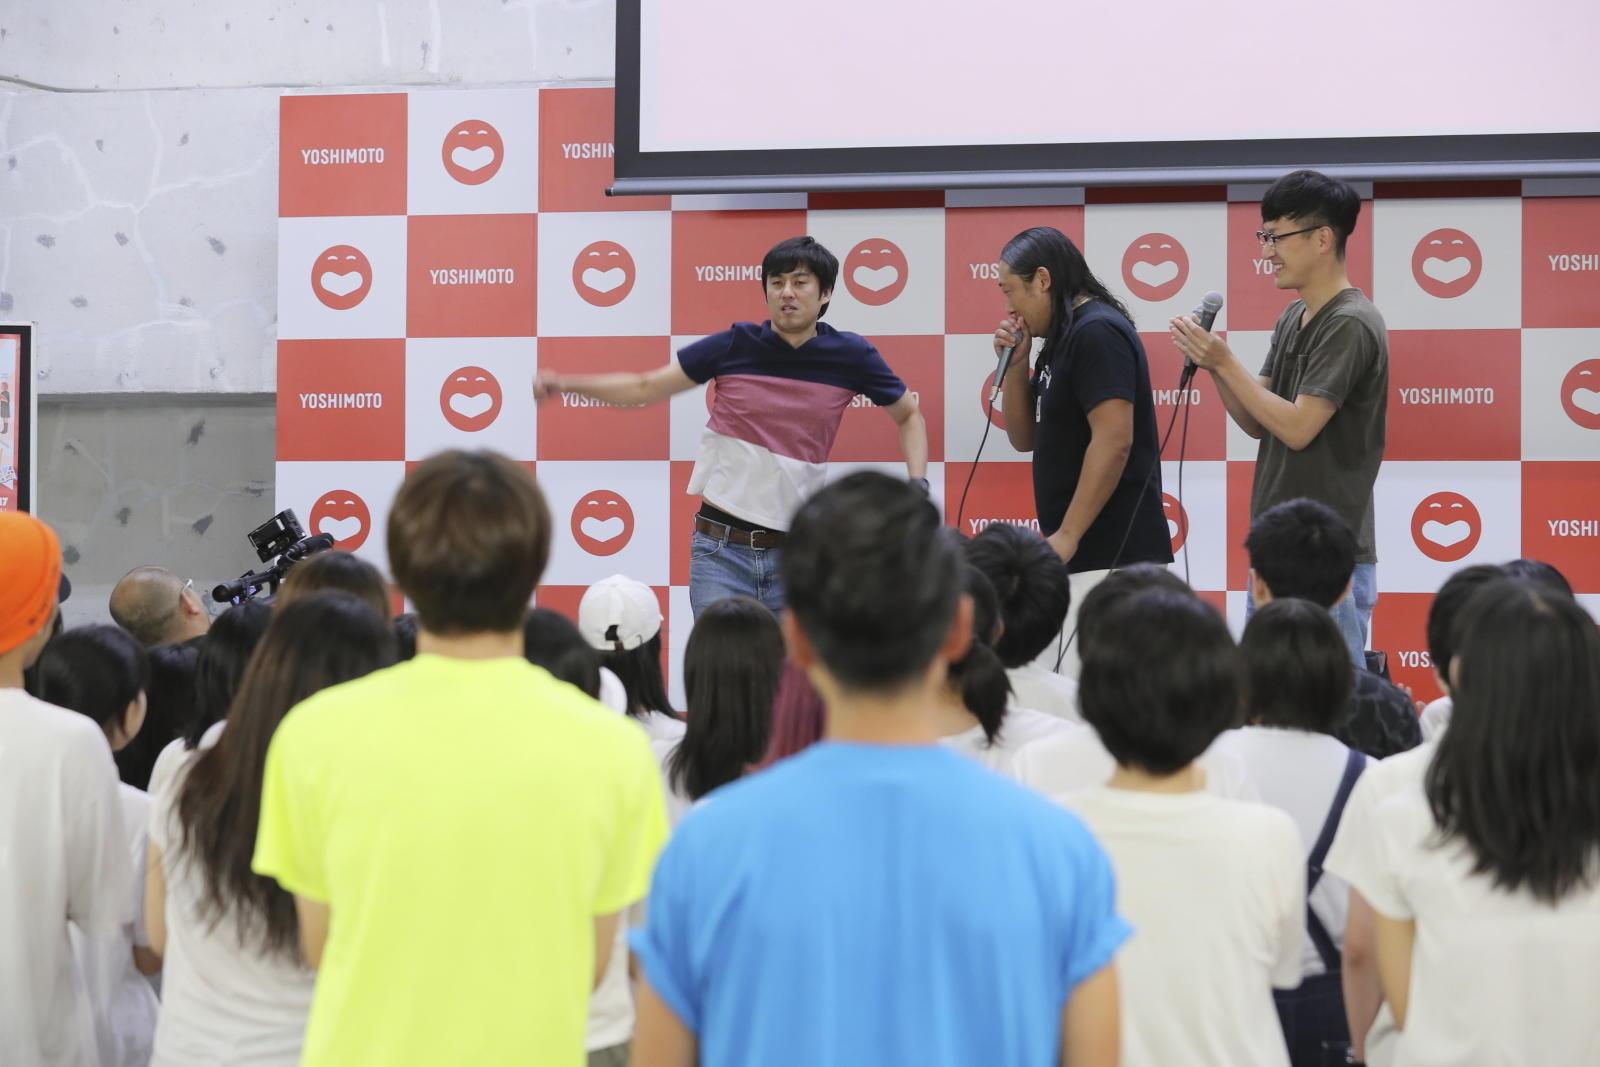 http://news.yoshimoto.co.jp/20170730173754-562e2156a95f08dc1f54d8a80fec621cf56fb083.jpg